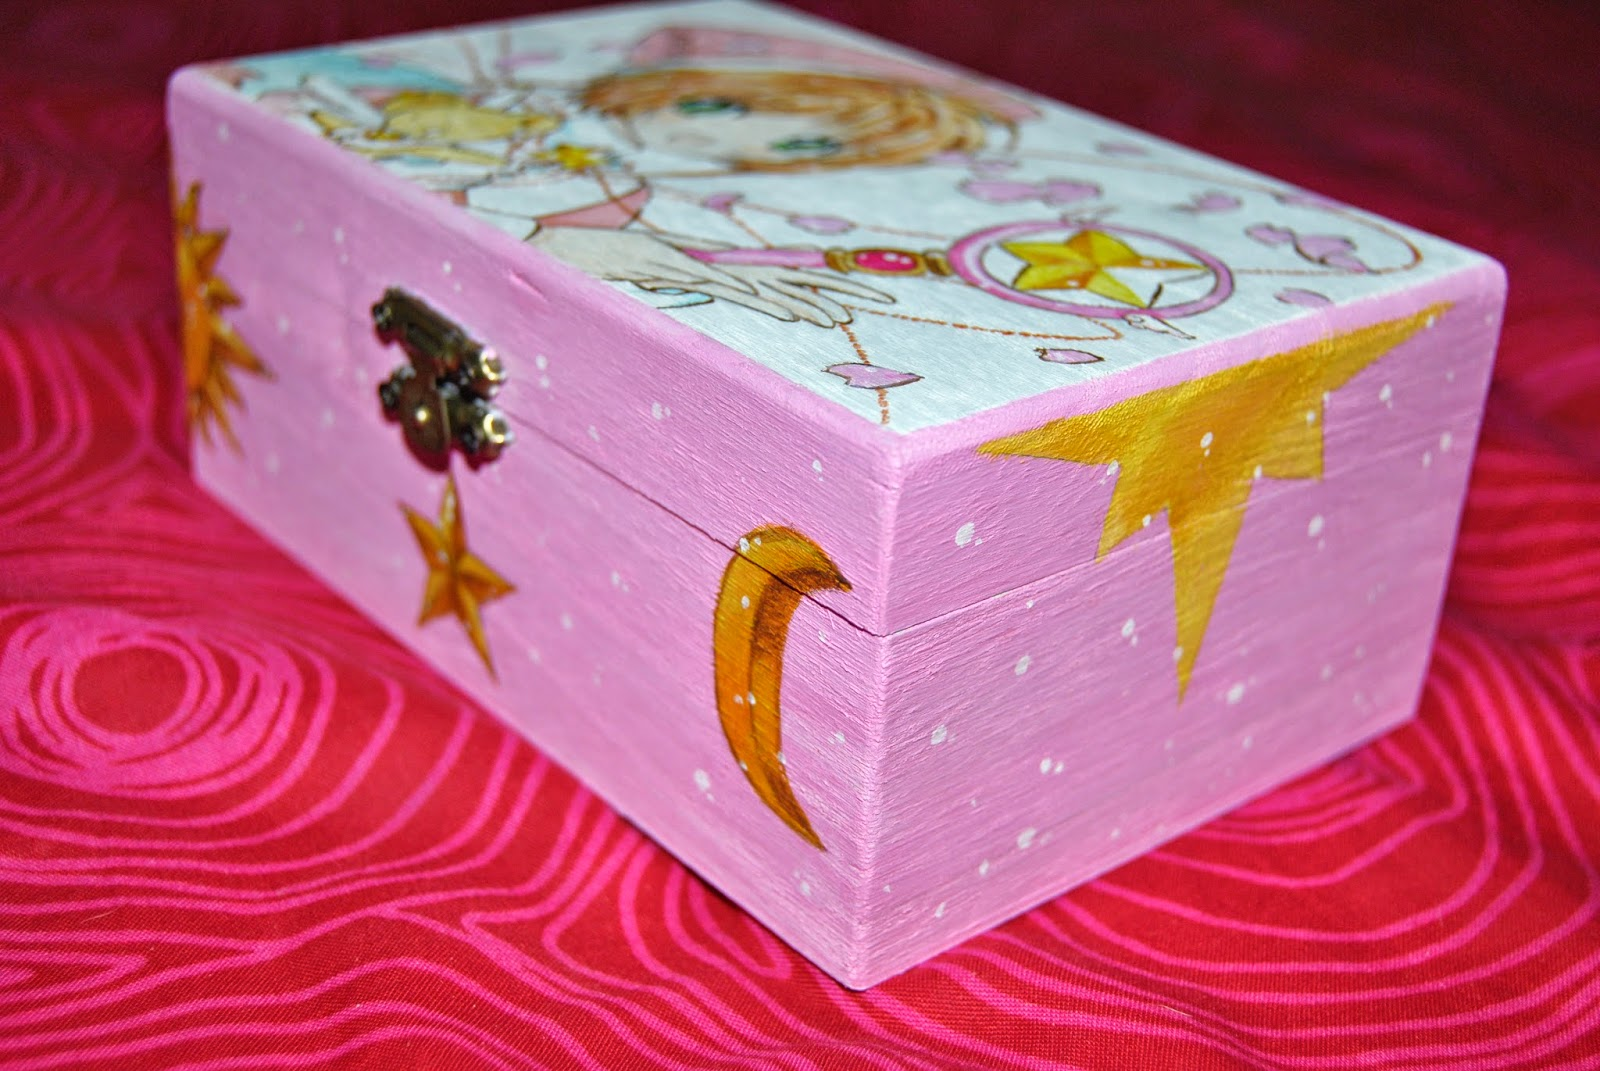 YN's Art and Crafts DSC_0229